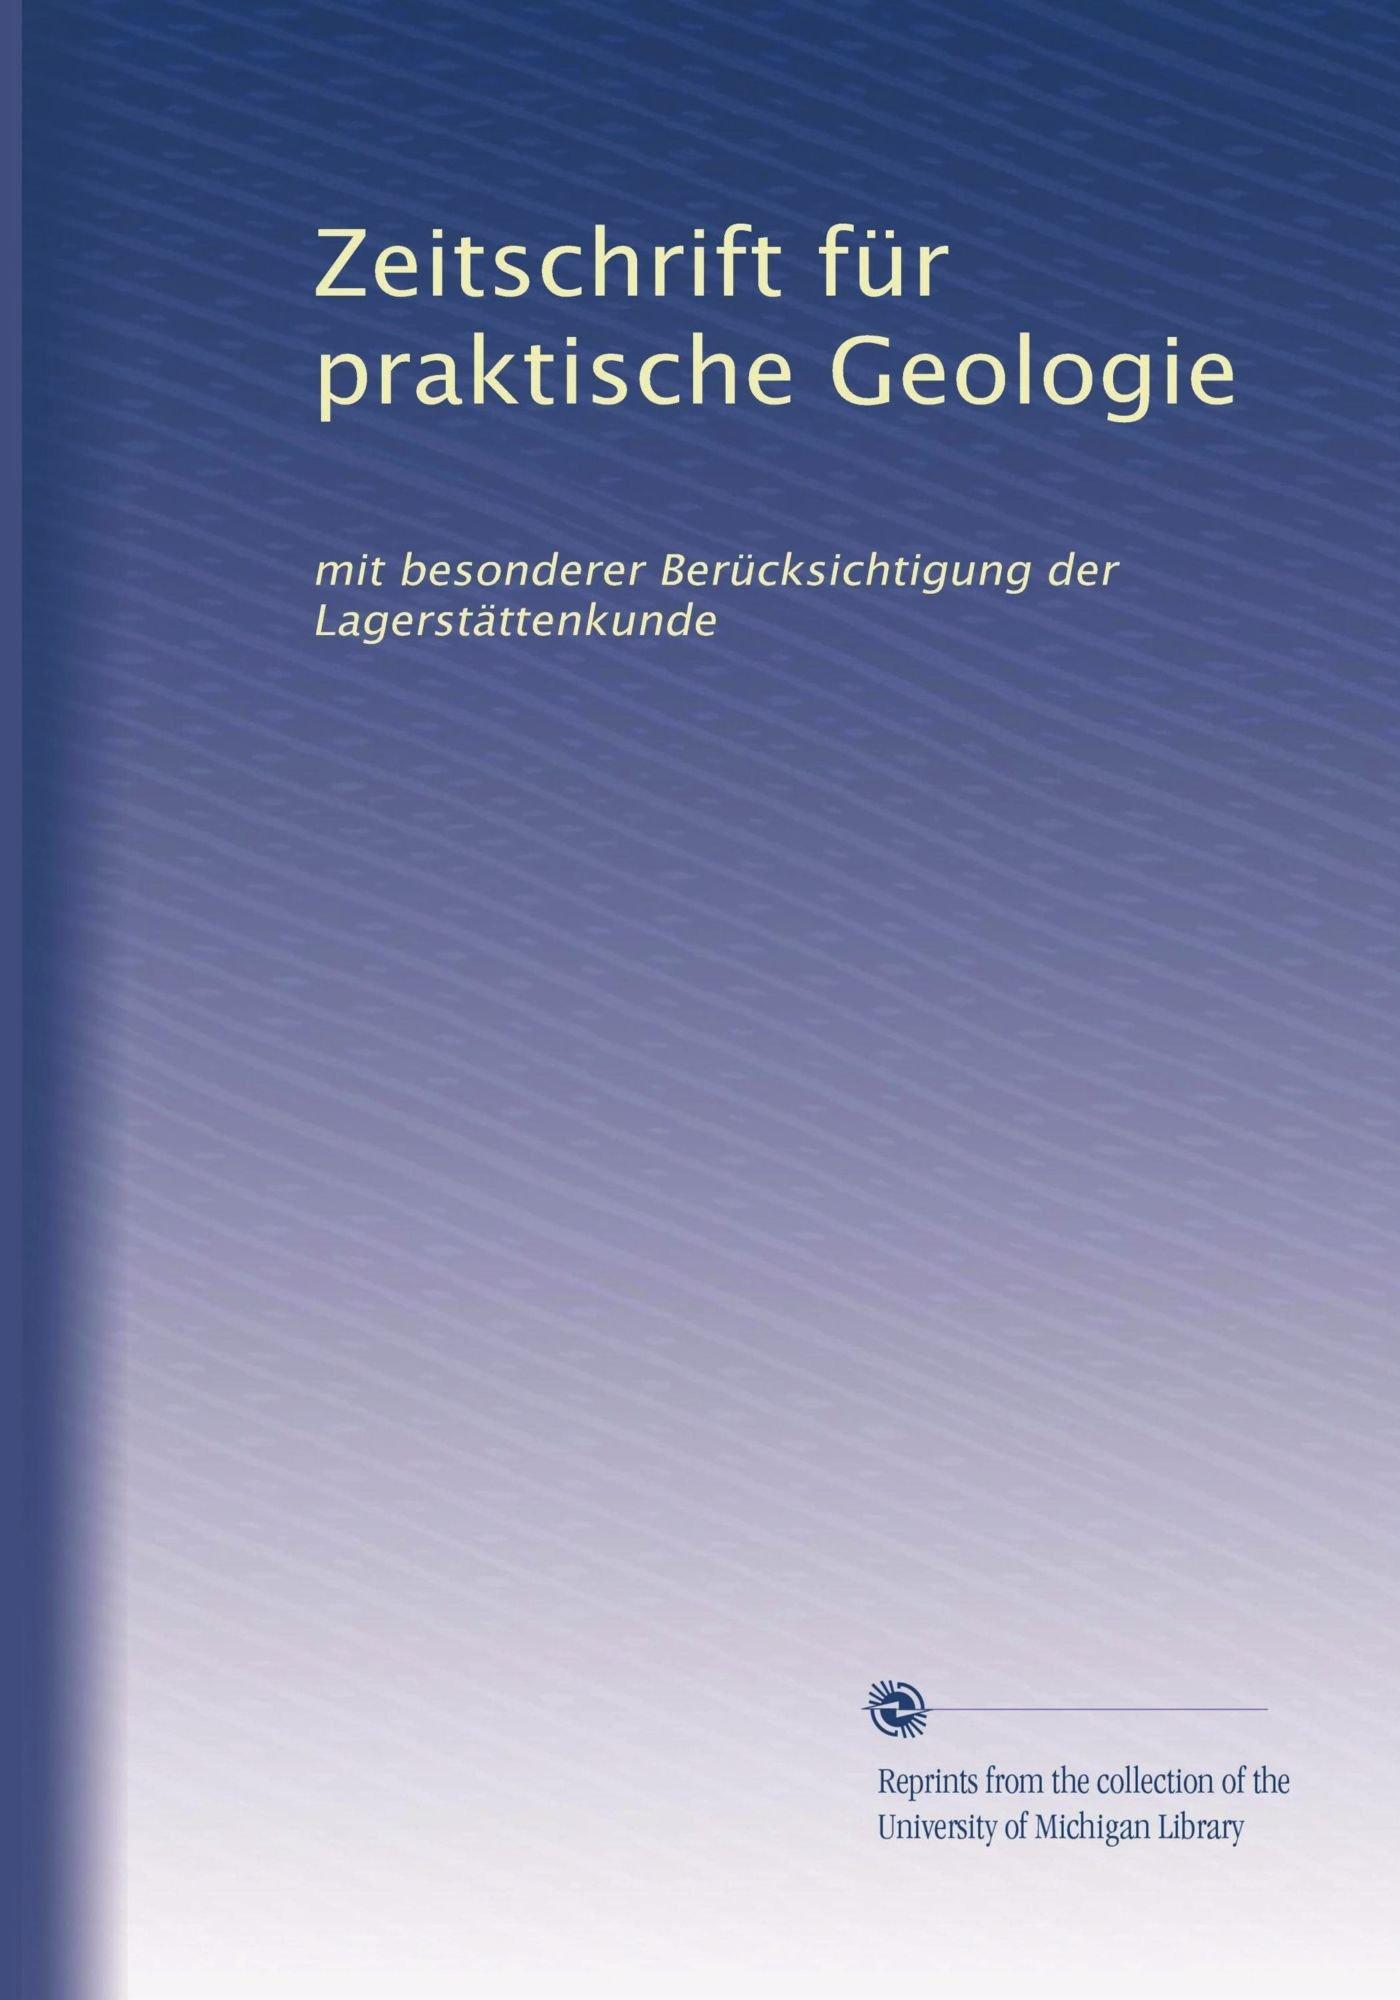 Download Zeitschrift für praktische Geologie: mit besonderer Berücksichtigung der Lagerstättenkunde (Volume 6) (German Edition) pdf epub